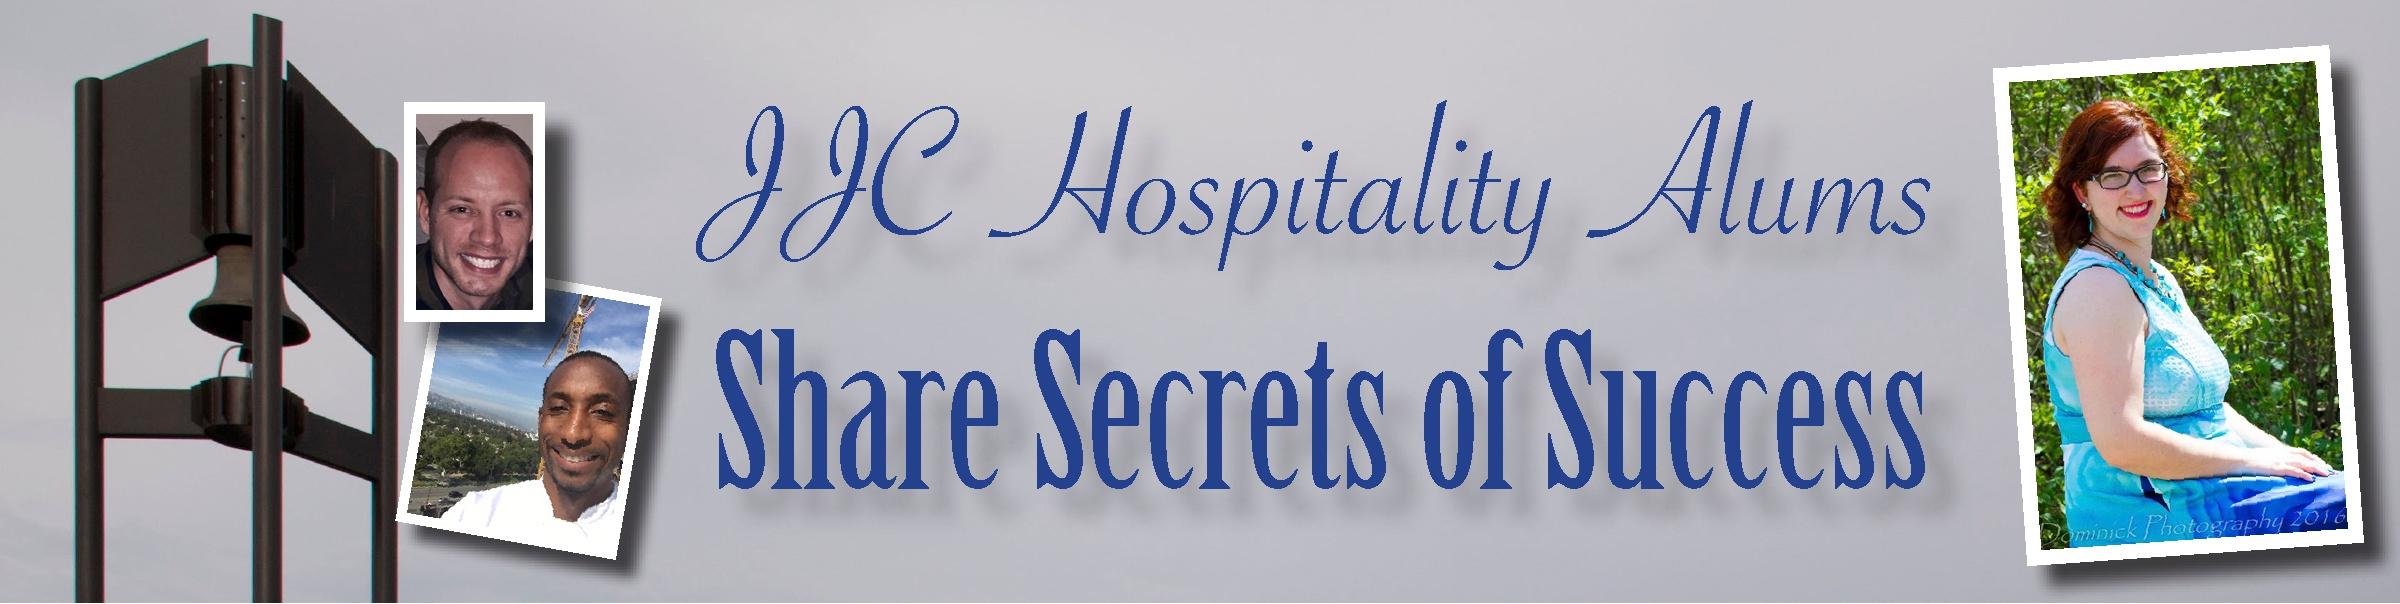 hospitality banner2.jpg